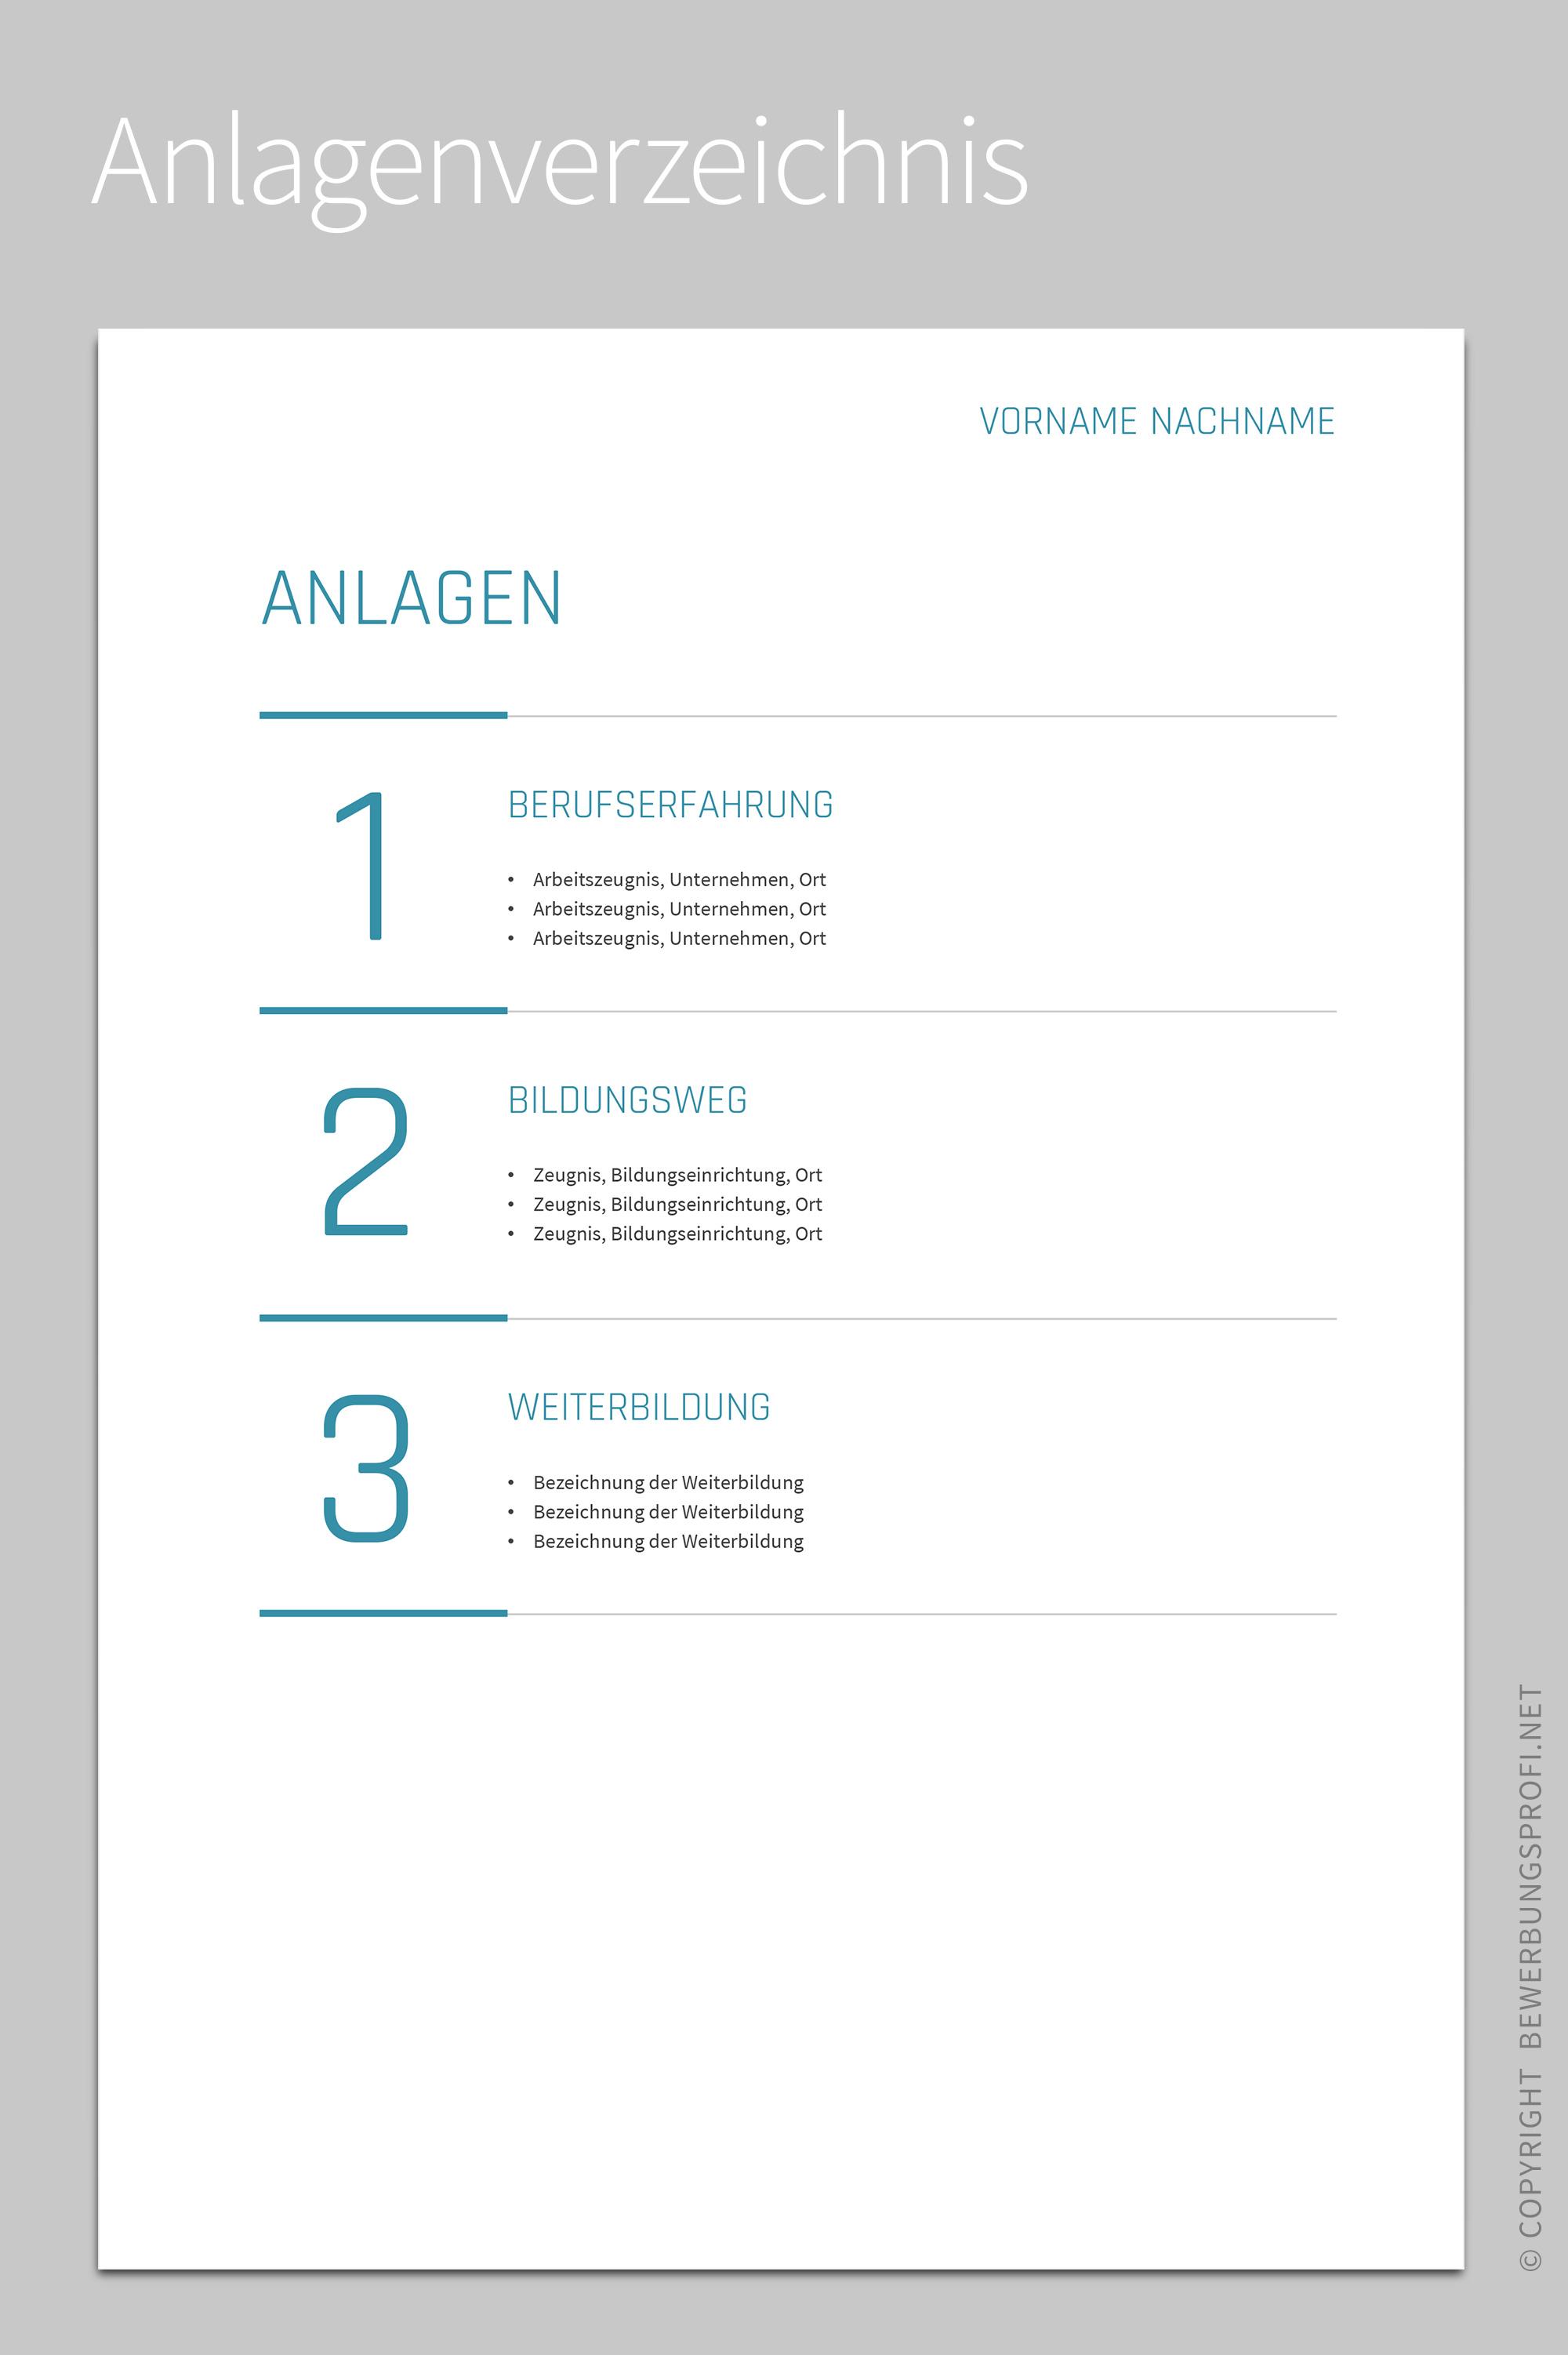 Anlagenverzeichnis Amelio